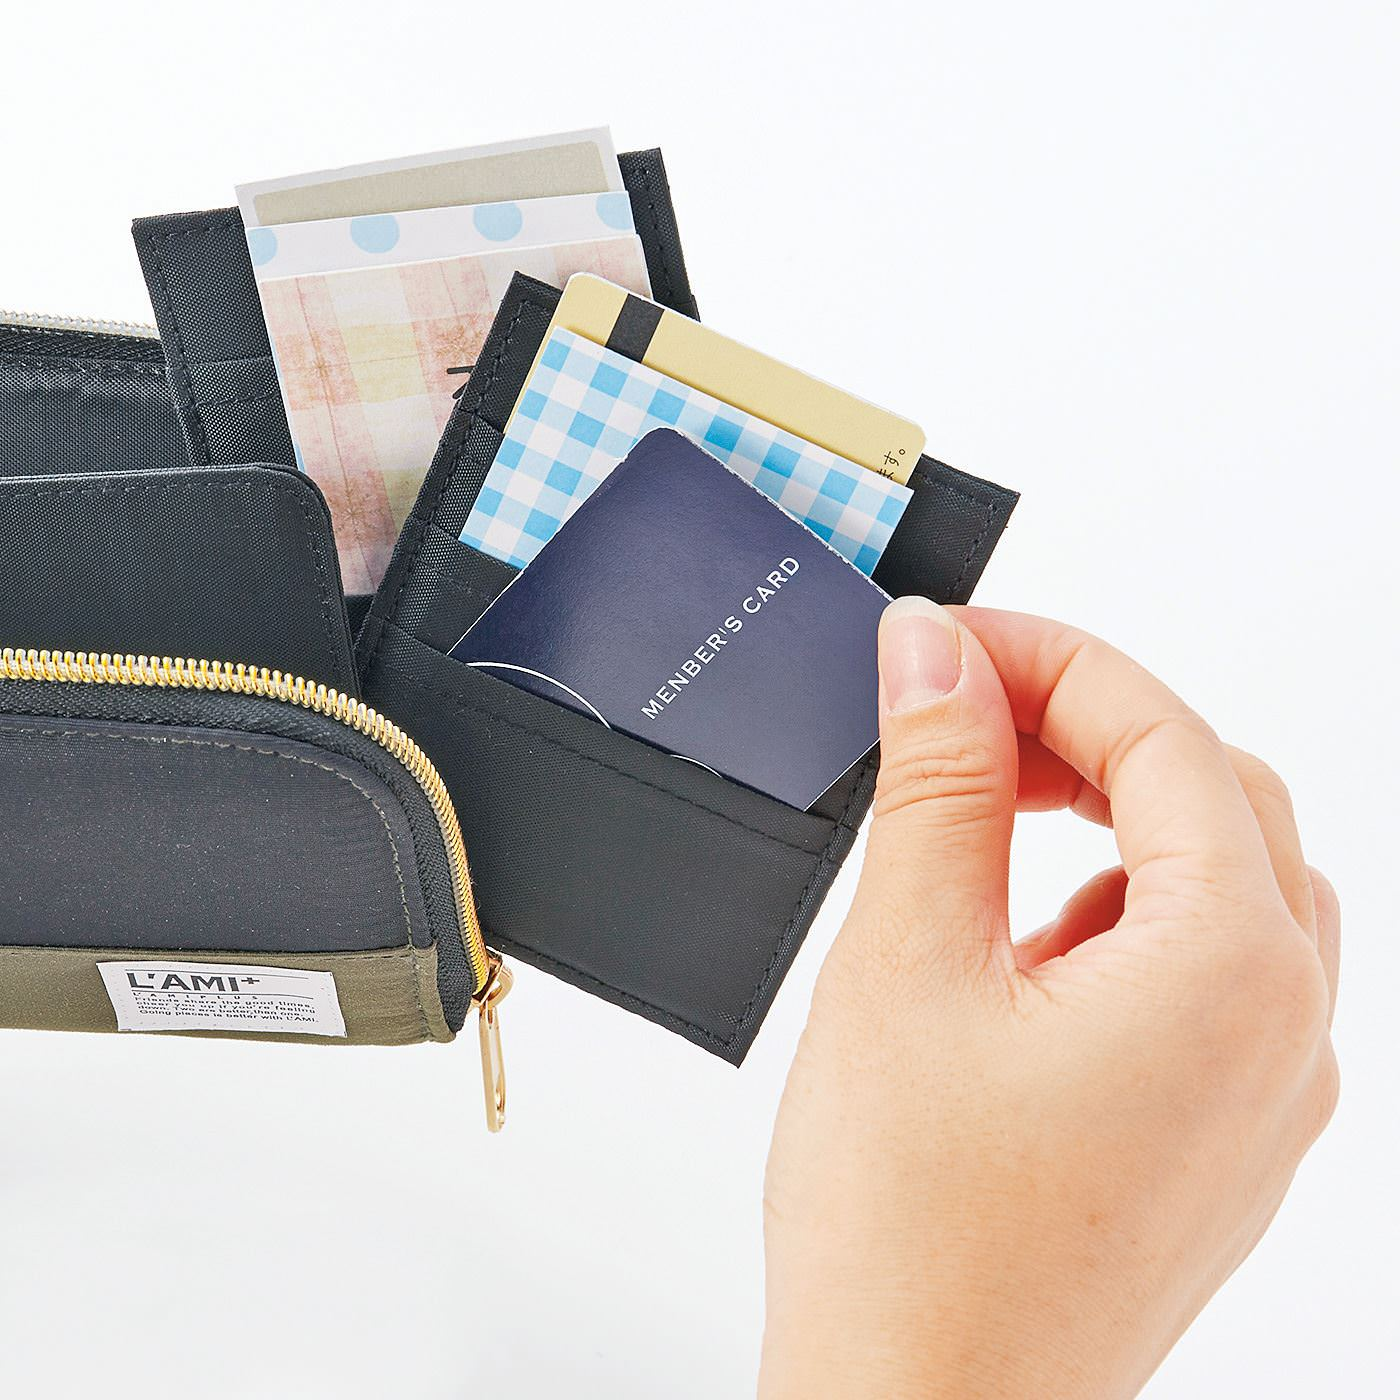 きちんとポケットが縦形だから、取り出しやすい。カードのデザインや色も見えやすいから、探しやすいのもポイントです。